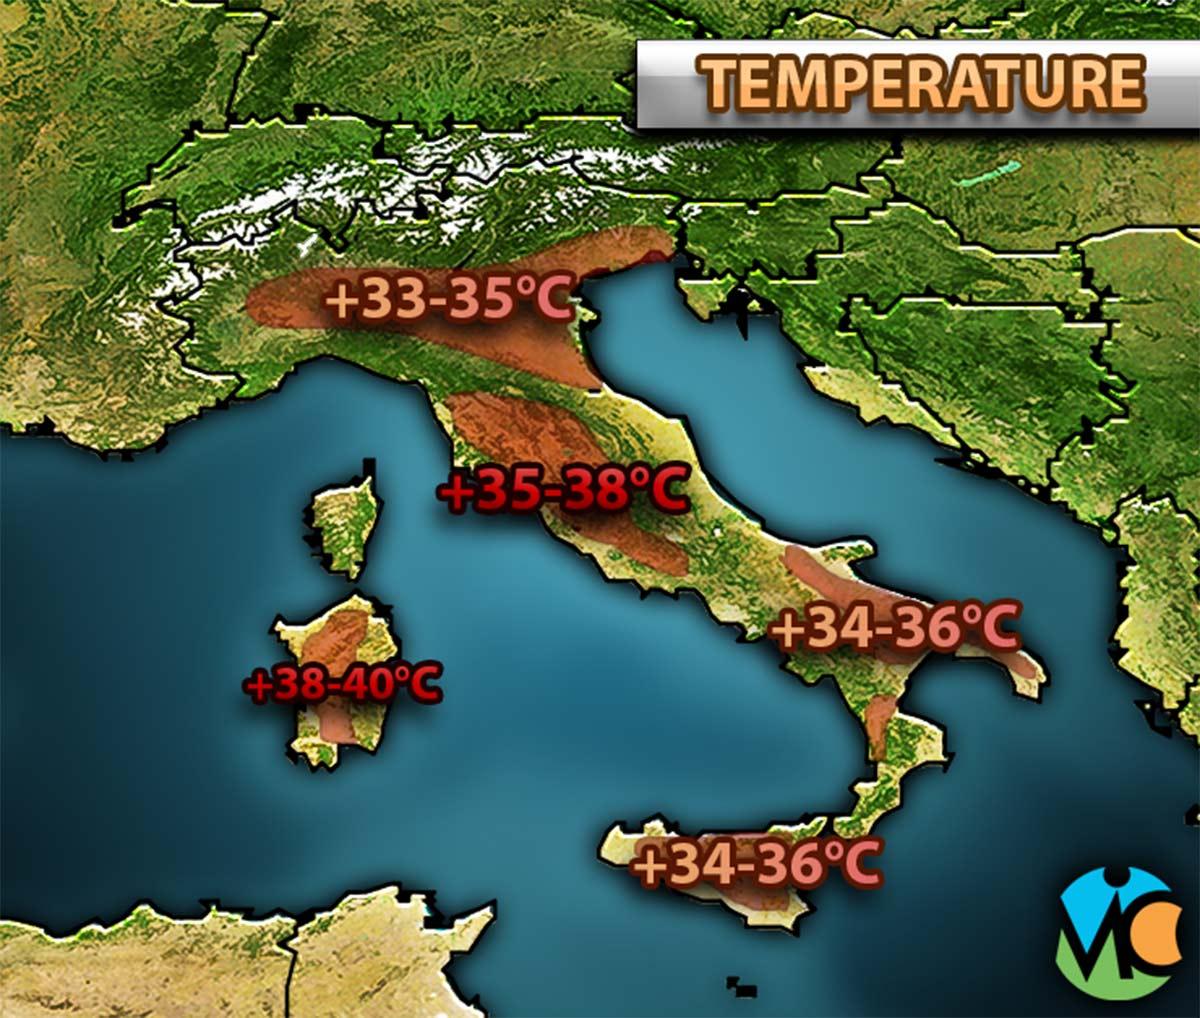 Temperature in aumento, con le zone più calde che saranno quelle di Sardegna, Toscana, Lazio e Umbria.